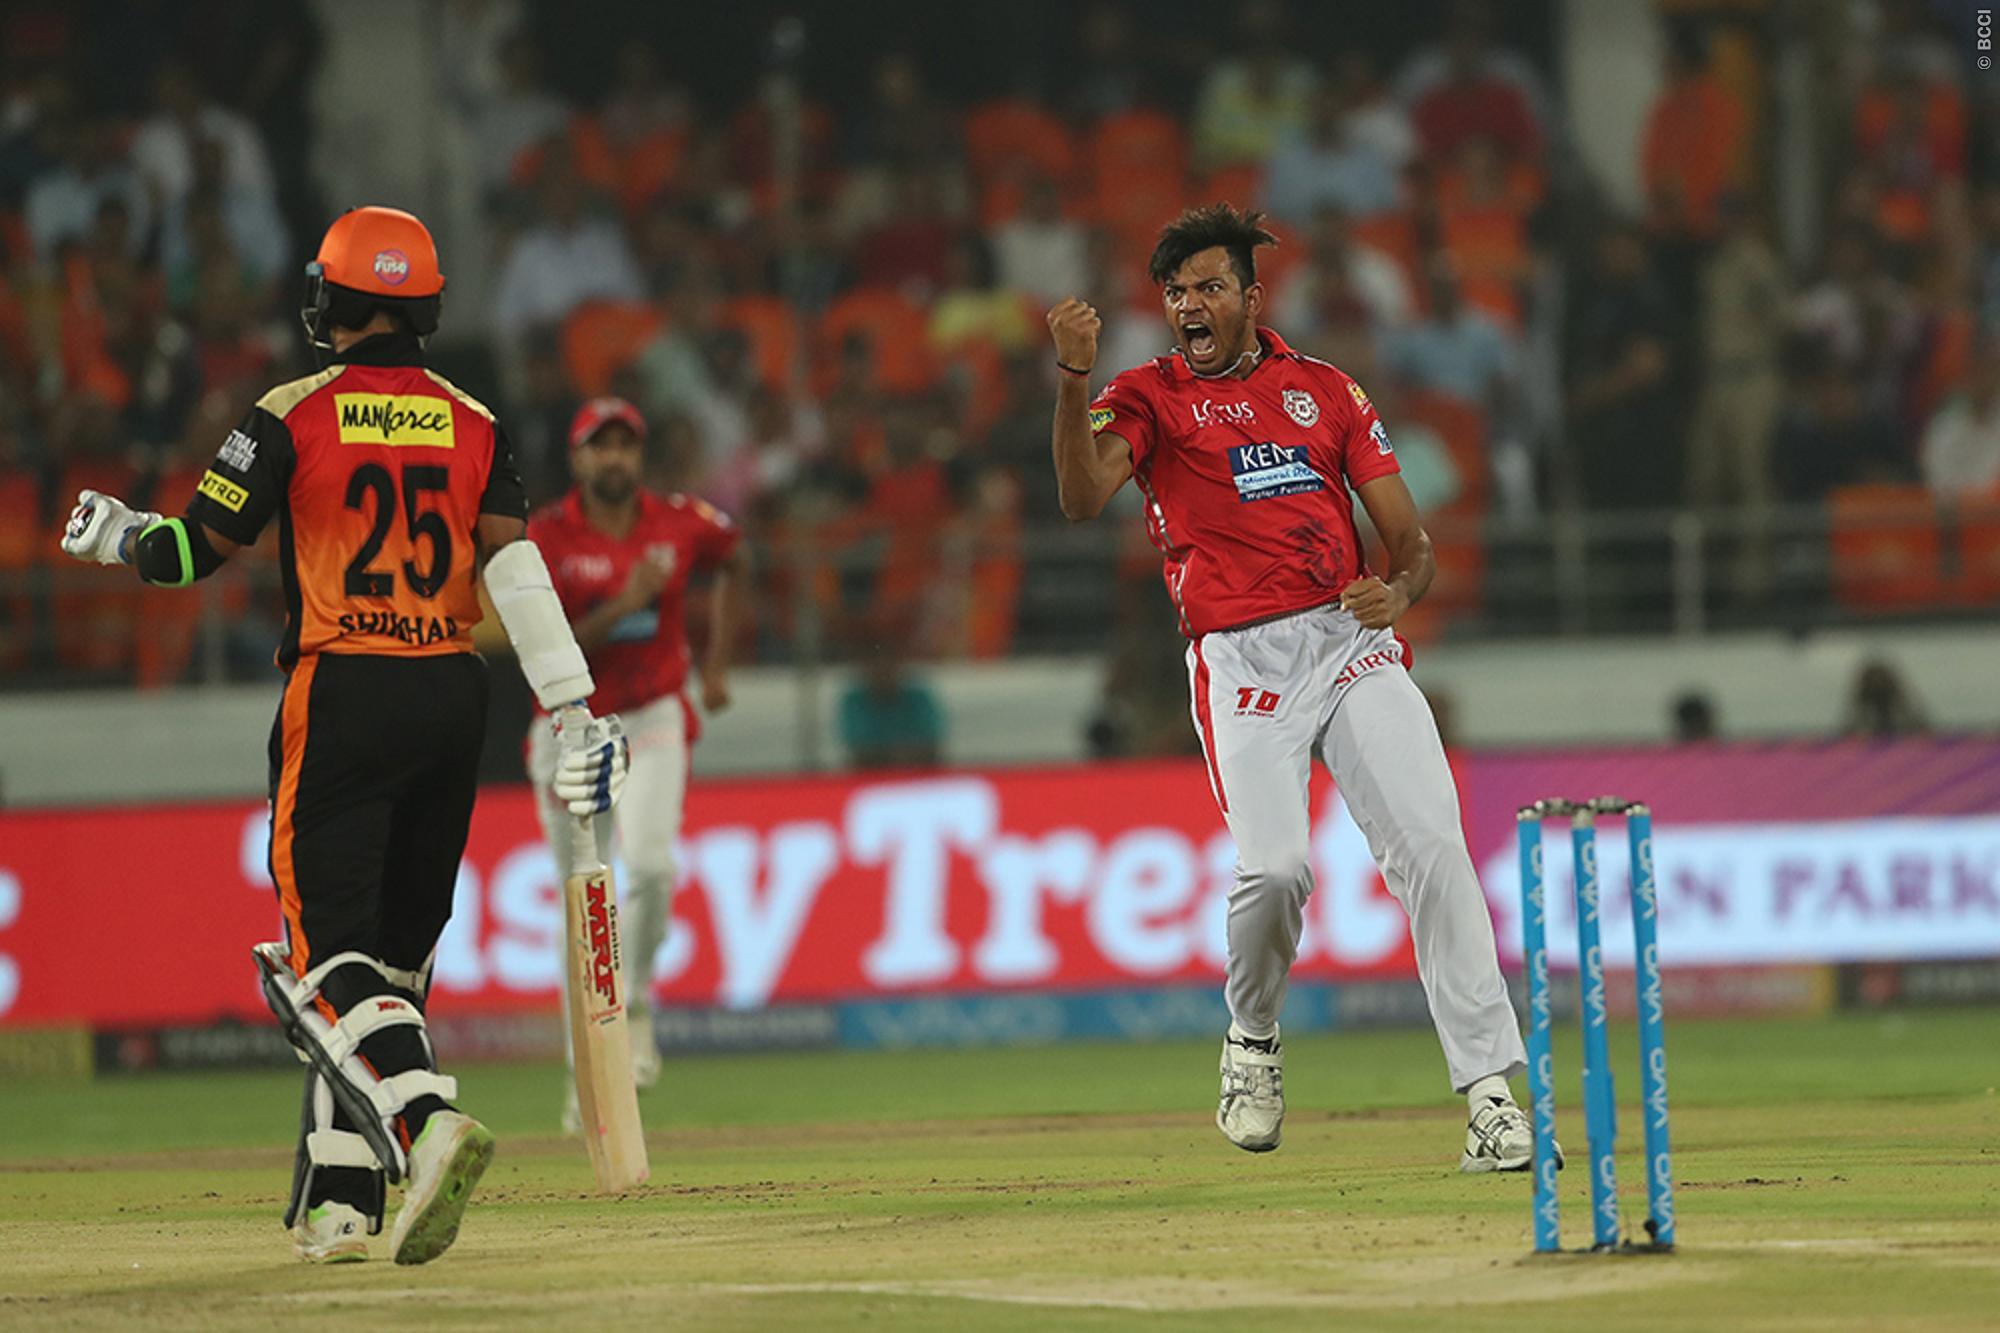 हैदराबाद की एक और जीत के बाद लोग हुए हैदराबाद की गेंदबाजी के फैन, तो आकाश चोपड़ा और सर जडेजा ने पंजाब के इस खिलाड़ी की किया तारीफ़